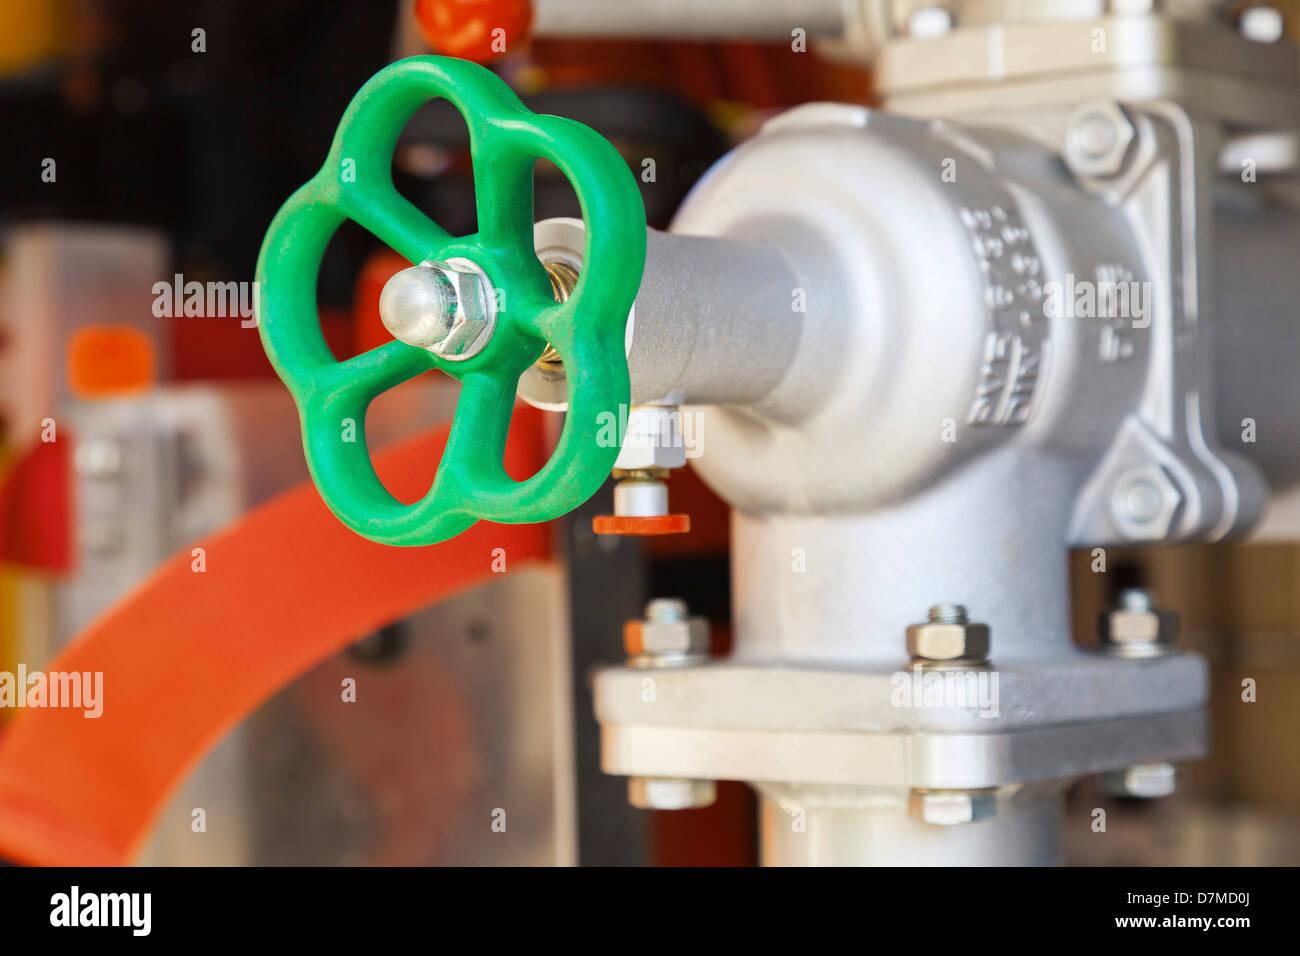 Valve wheel - Stock Image